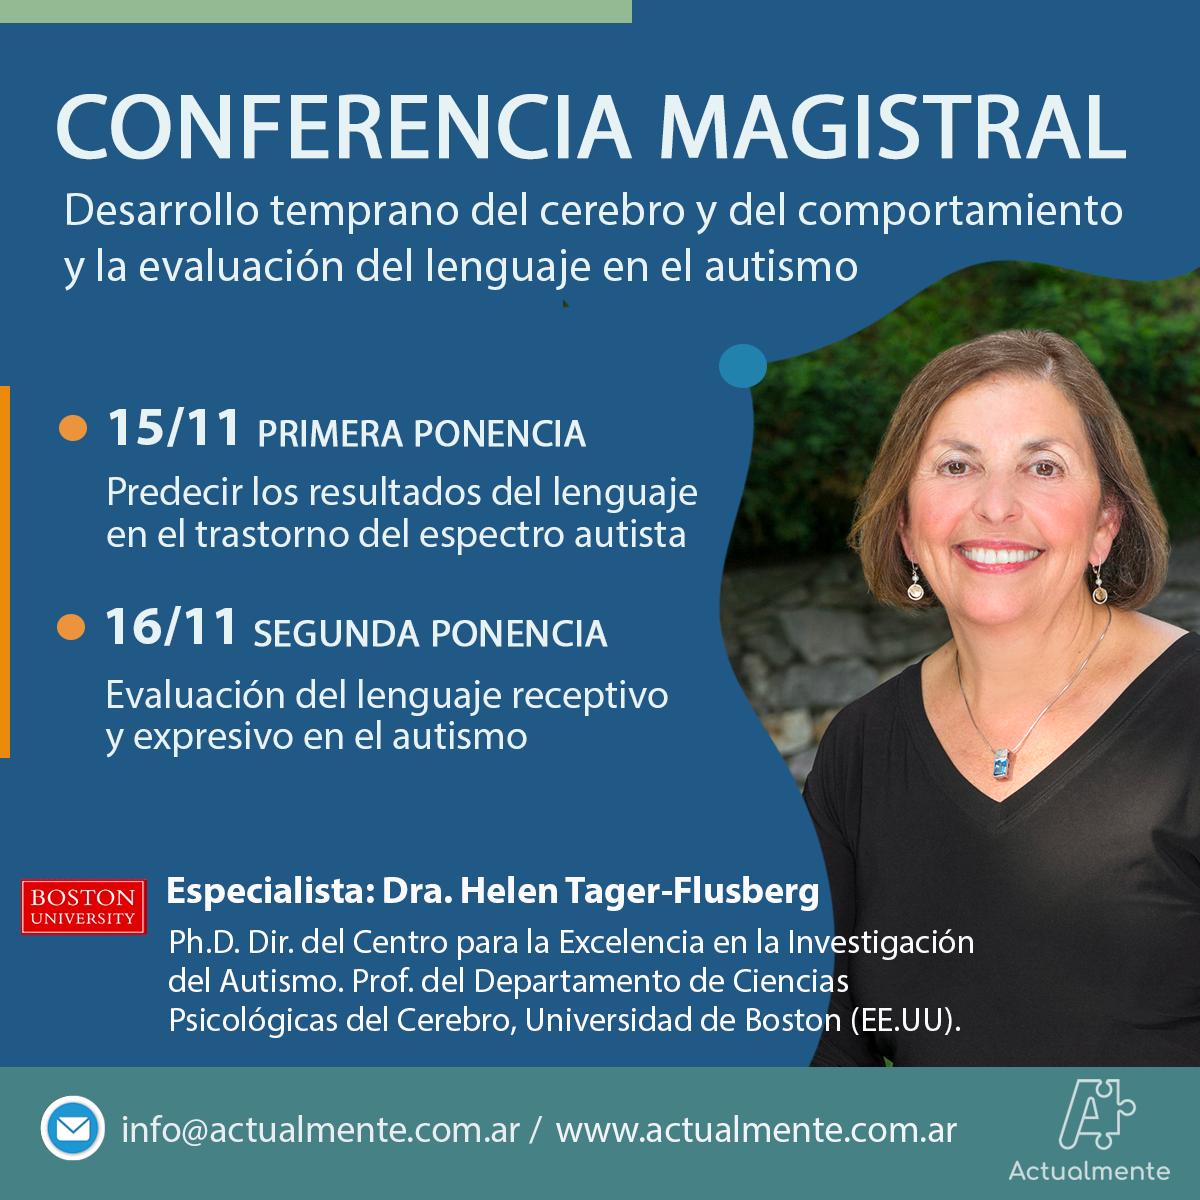 posteo_conf_magistral